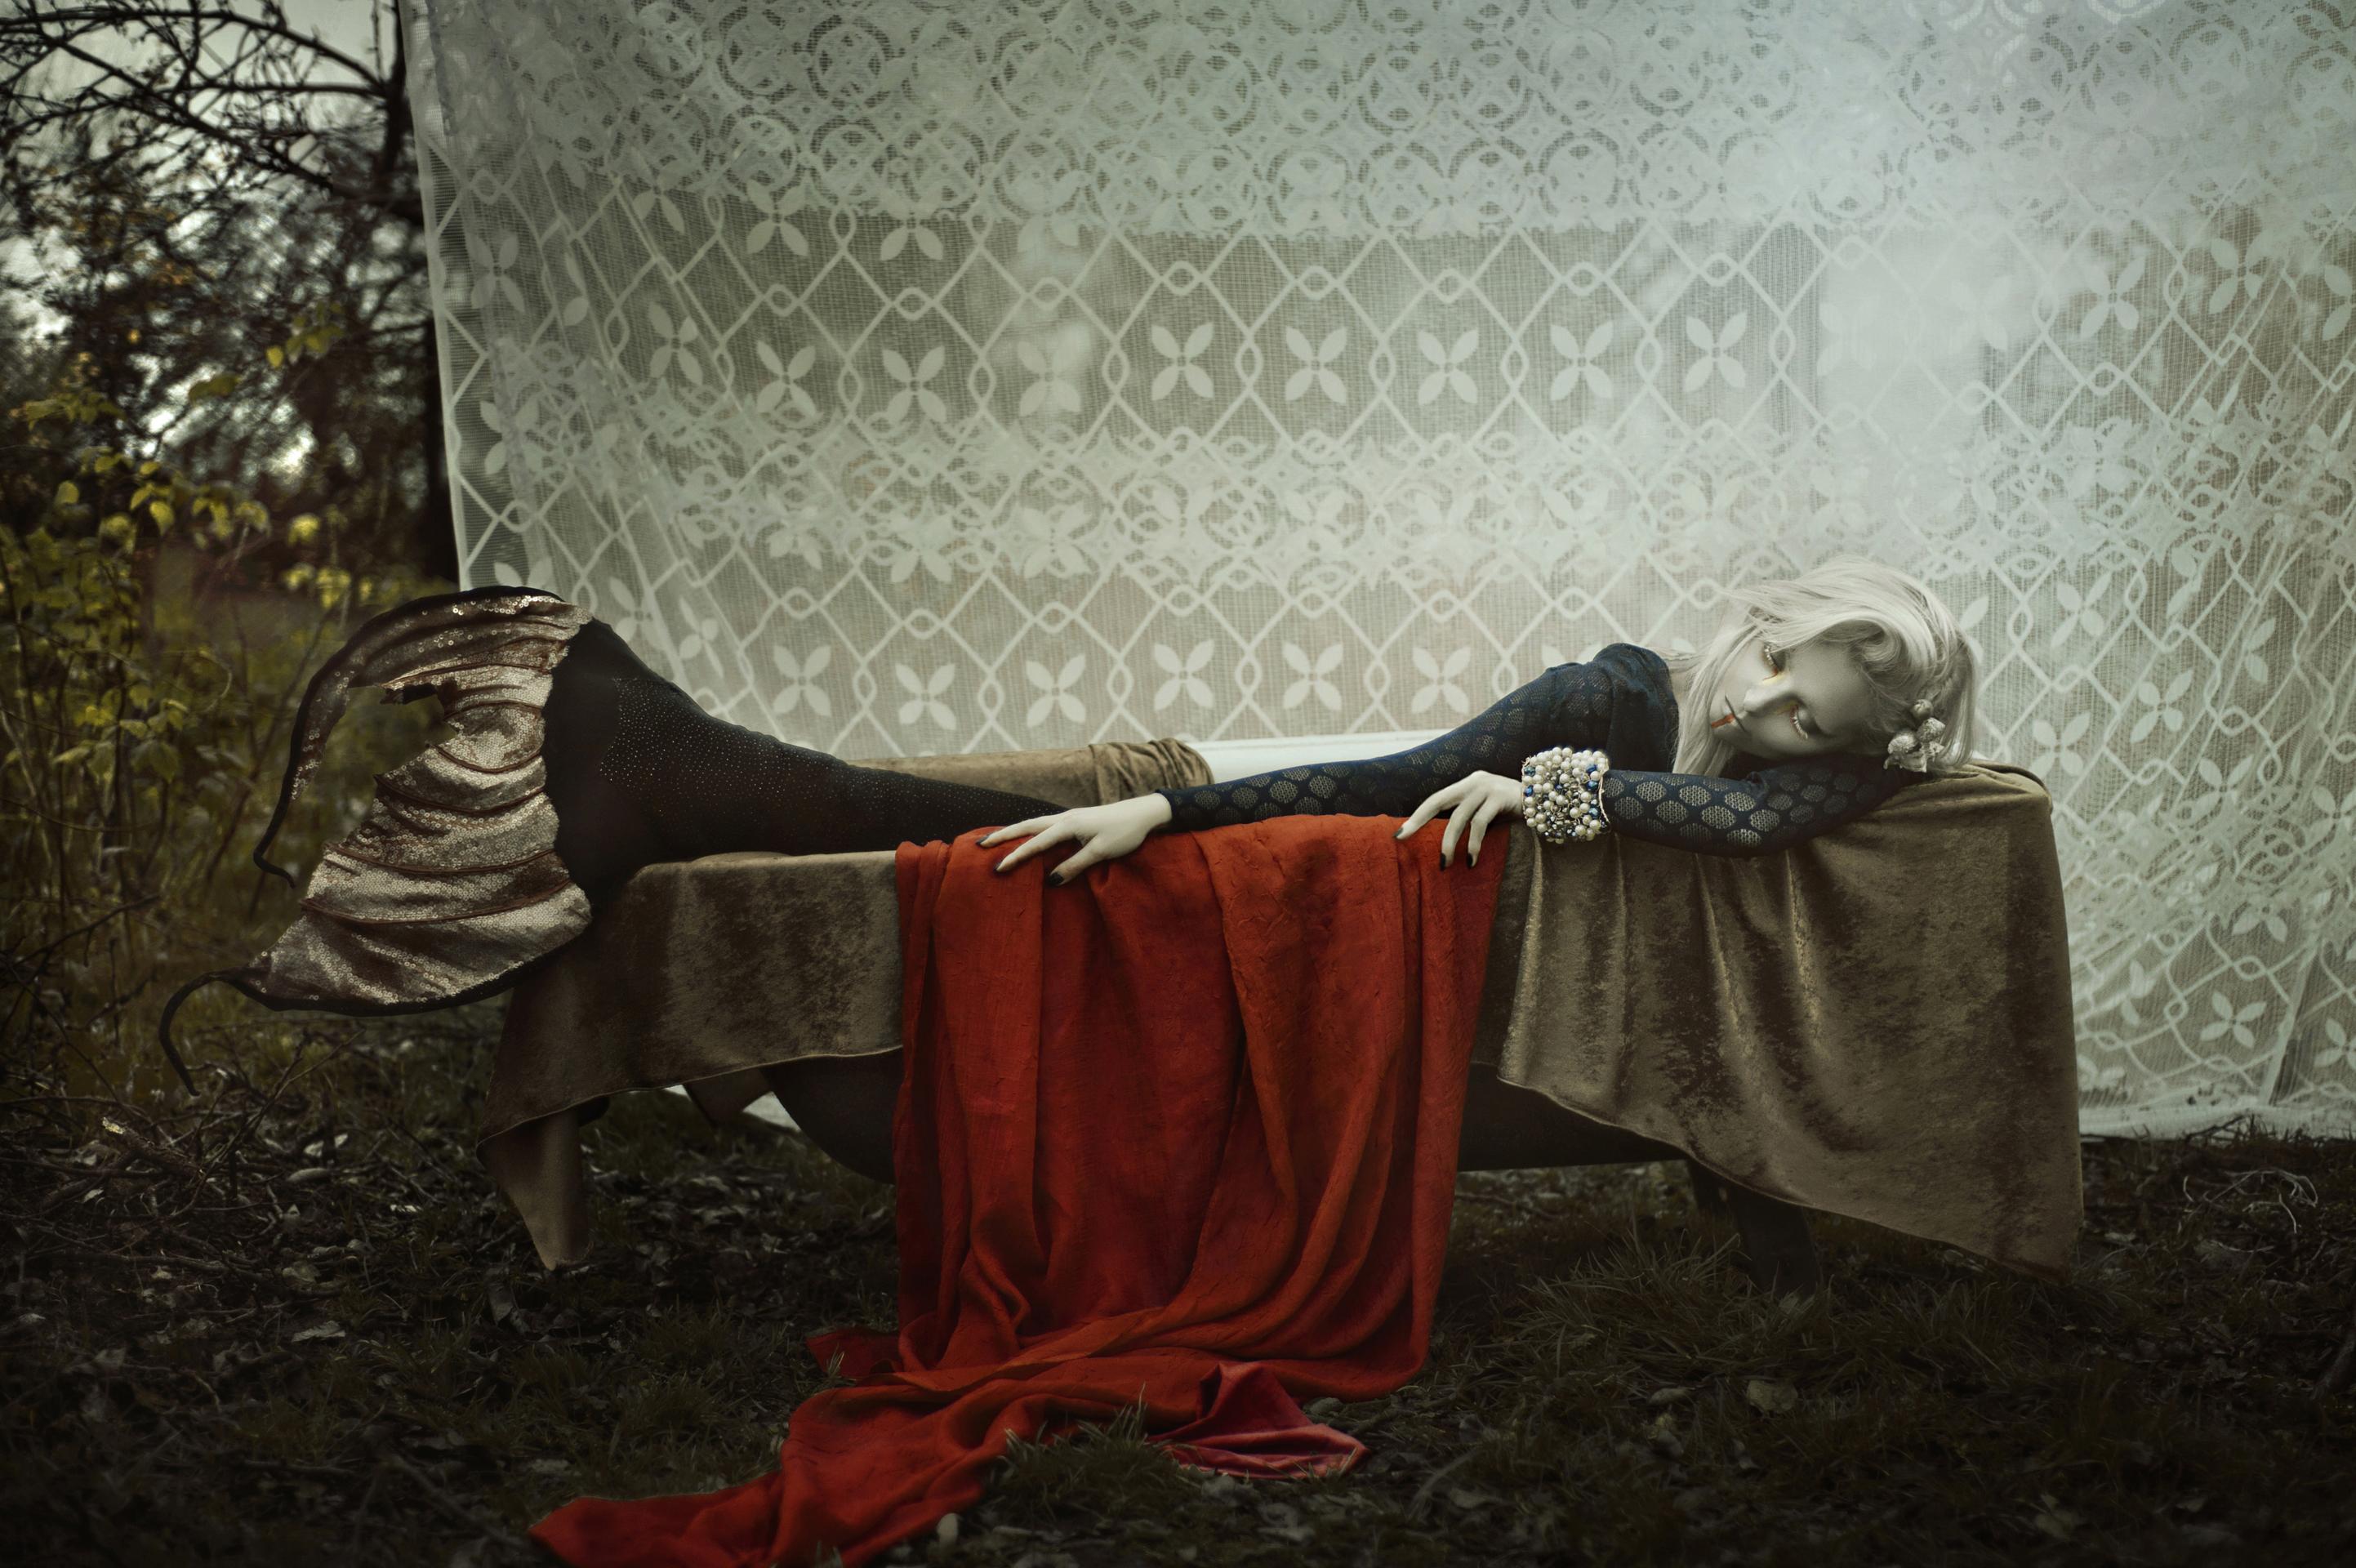 fot. Katarzyna Niwińska